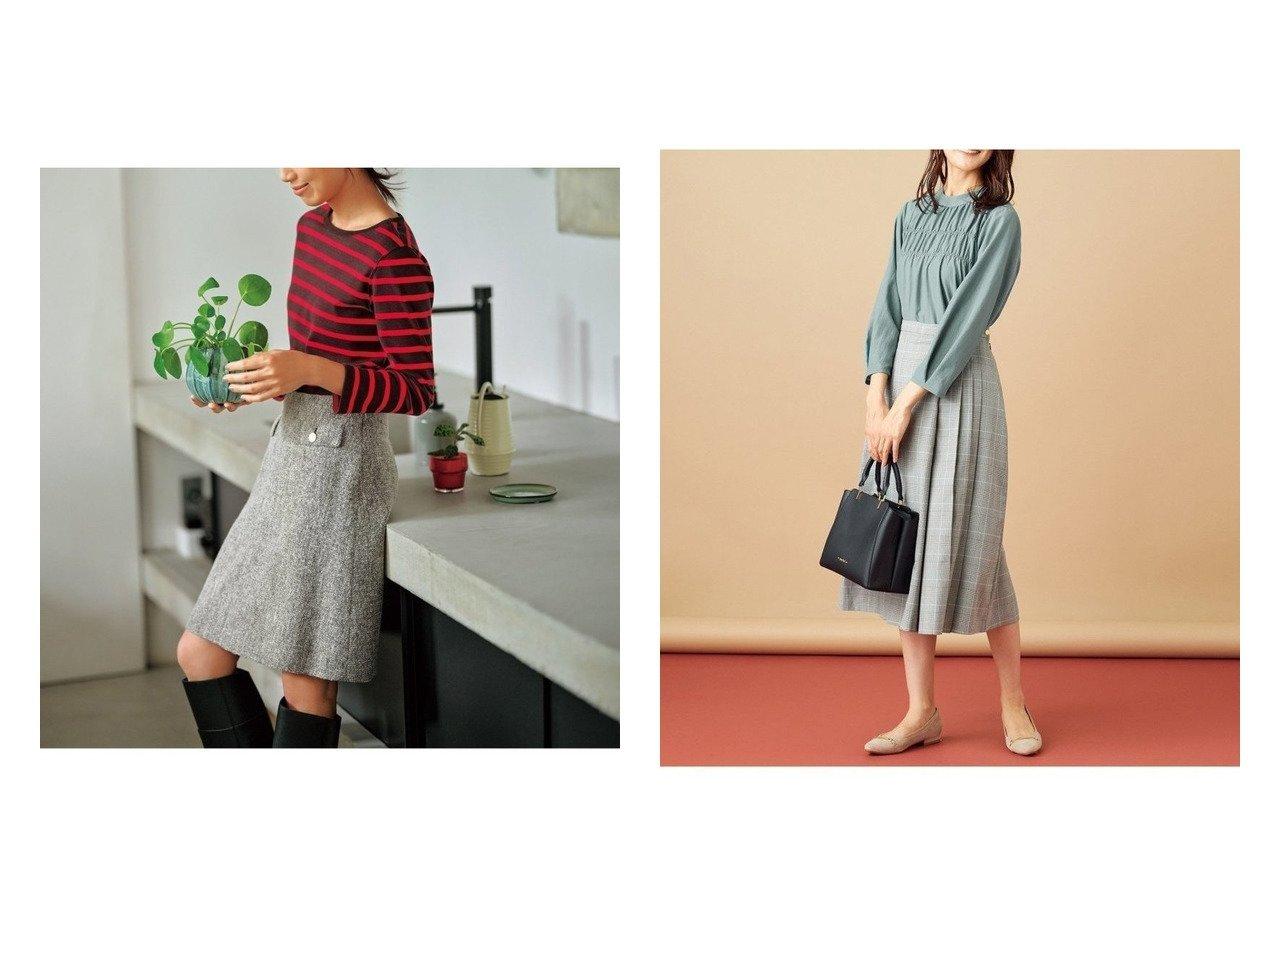 【any SiS/エニィ スィス】のフィブリルサテン ブラウス&【KUMIKYOKU/組曲】の【東原亜希さん着用・KMKK】 へリンボーン ツイード スカート(番号KJ25) おすすめ!人気、レディースファッションの通販  おすすめで人気のファッション通販商品 インテリア・家具・キッズファッション・メンズファッション・レディースファッション・服の通販 founy(ファニー) https://founy.com/ ファッションモデル・俳優・女優 Models 女性 Women 東原亜希 Higashihara Aki 田中みな実 Tanaka Minami ファッション Fashion レディース WOMEN スカート Skirt トップス Tops Tshirt シャツ/ブラウス Shirts Blouses 秋 コンパクト ストレッチ ツイード 台形 フラップ ベーシック ポケット ミニスカート モノトーン リラックス ループ 秋冬 A/W Autumn/ Winter インナー ギャザー 長袖 バランス |ID:crp329100000003651